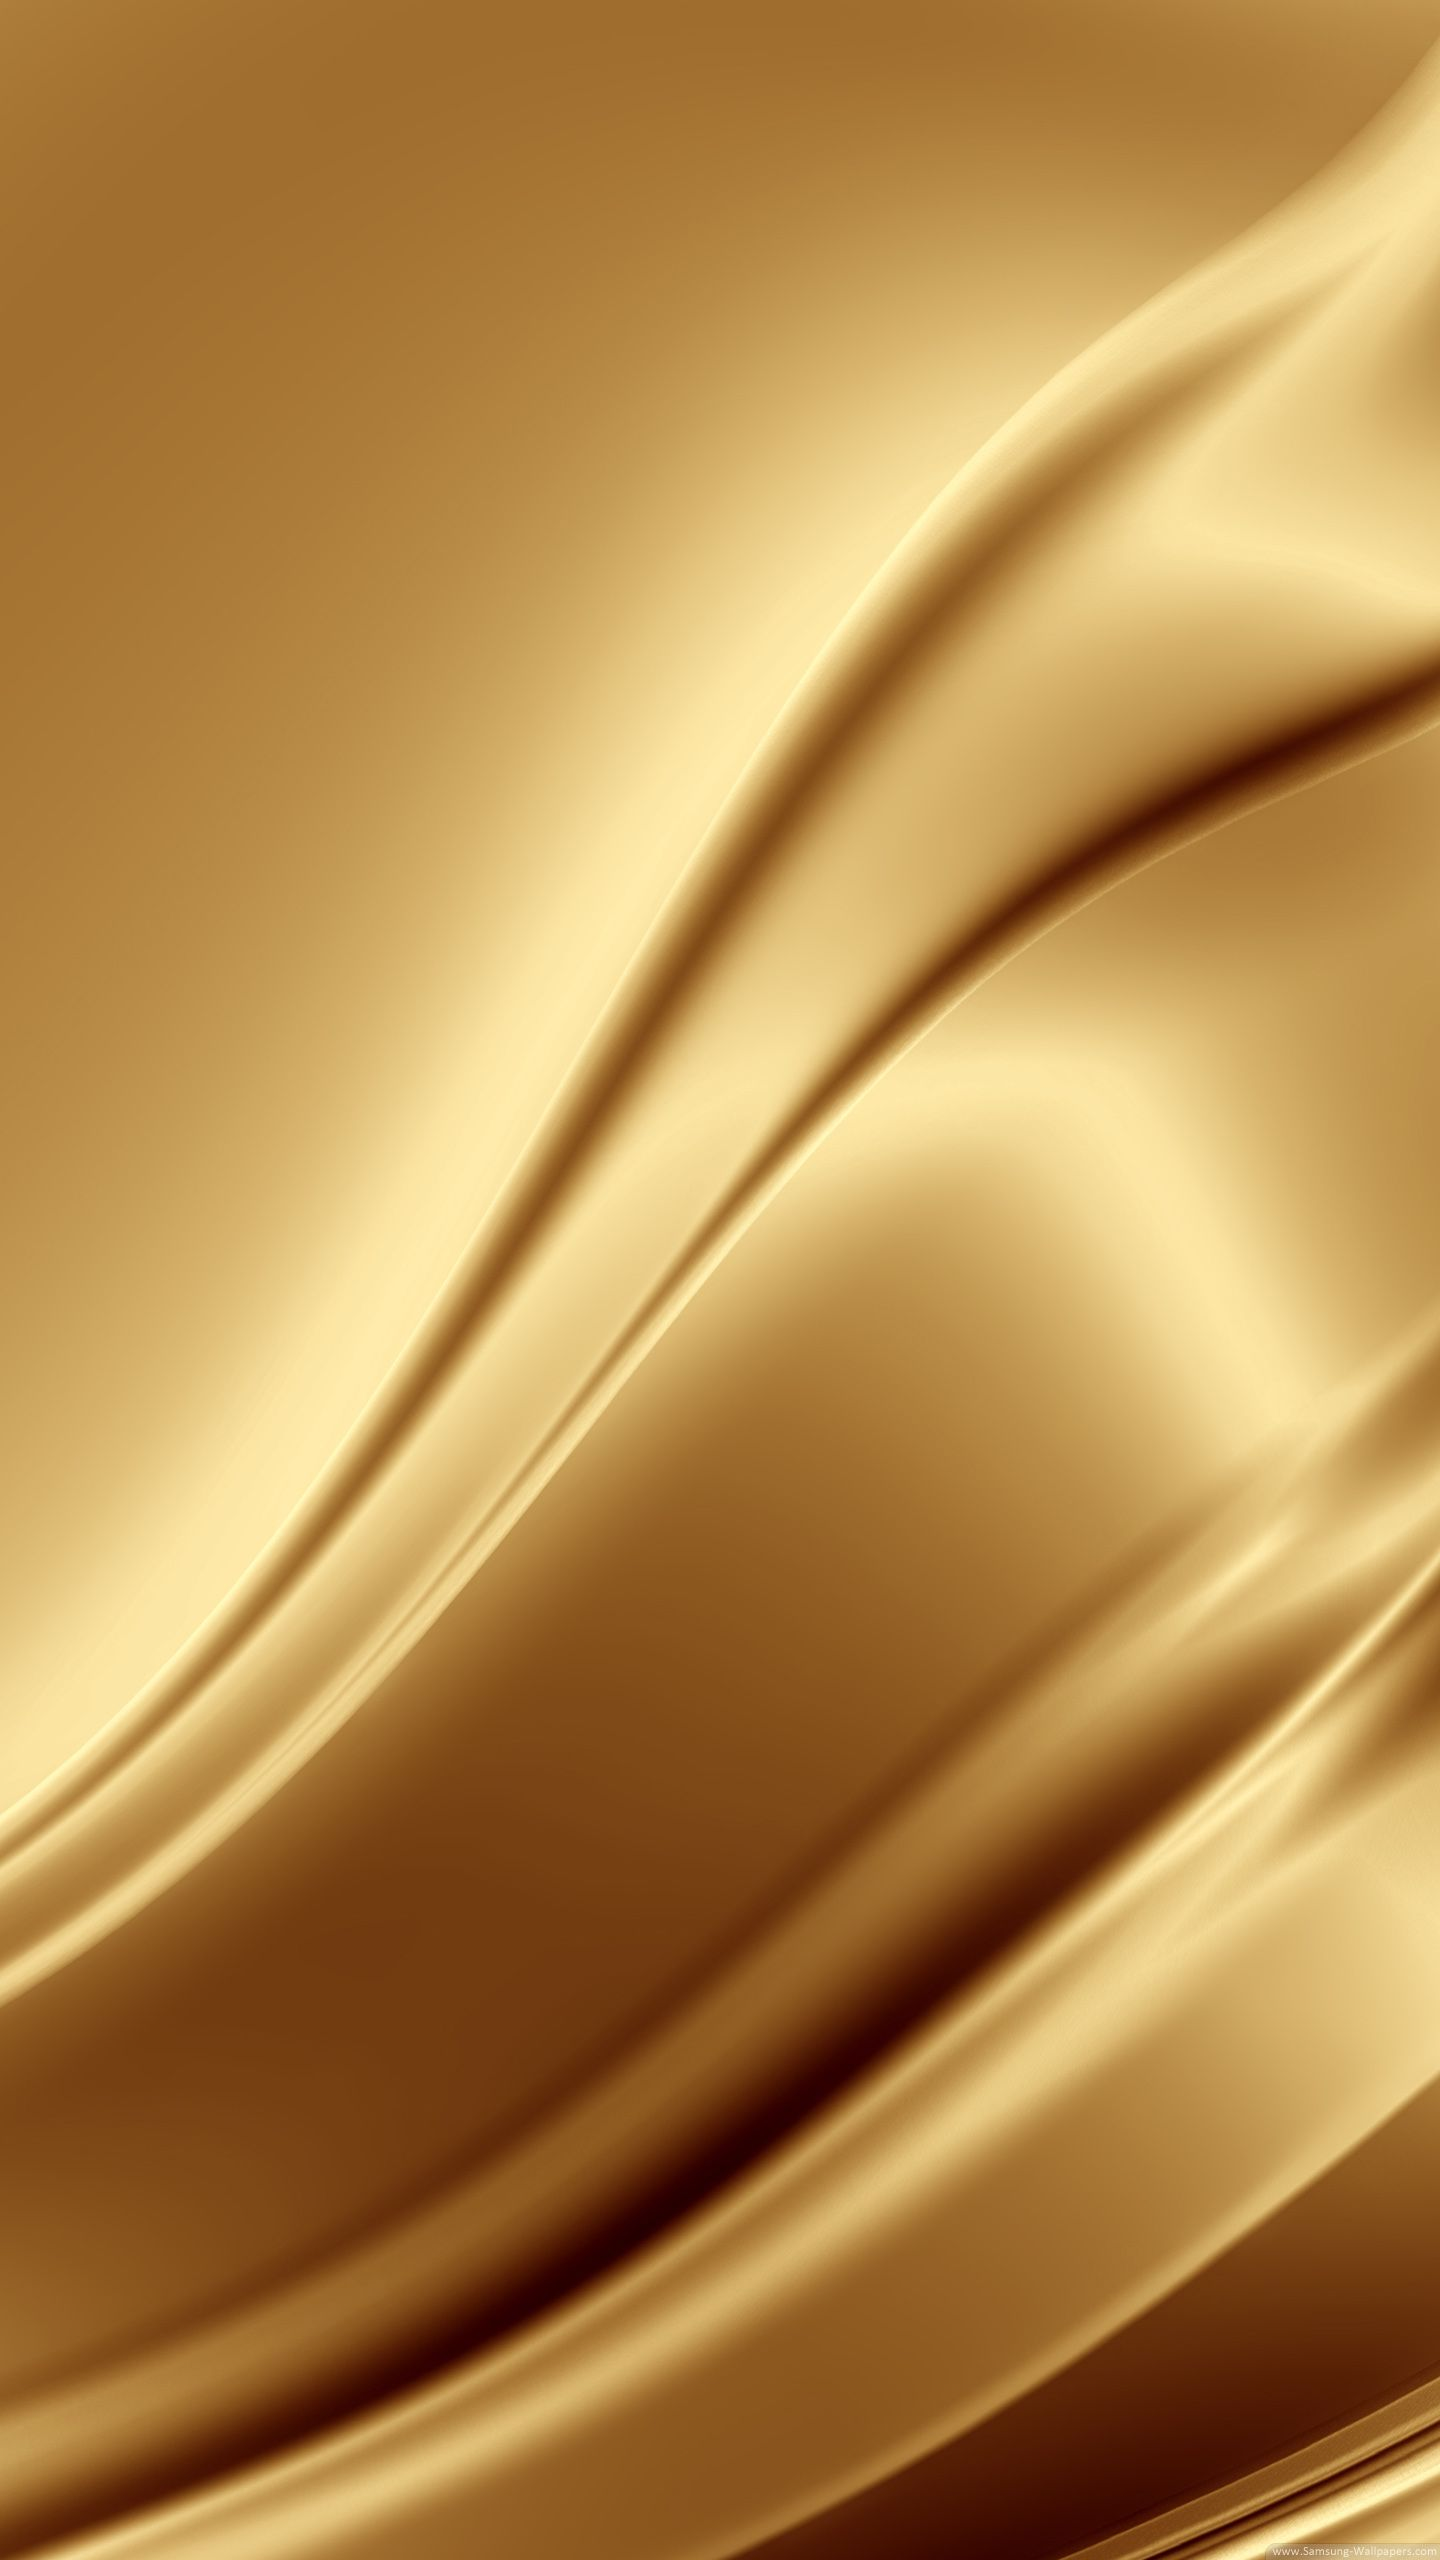 بالصور خلفيات ذهبية , اجمل خلفيات باللون الذهبى 1519 8